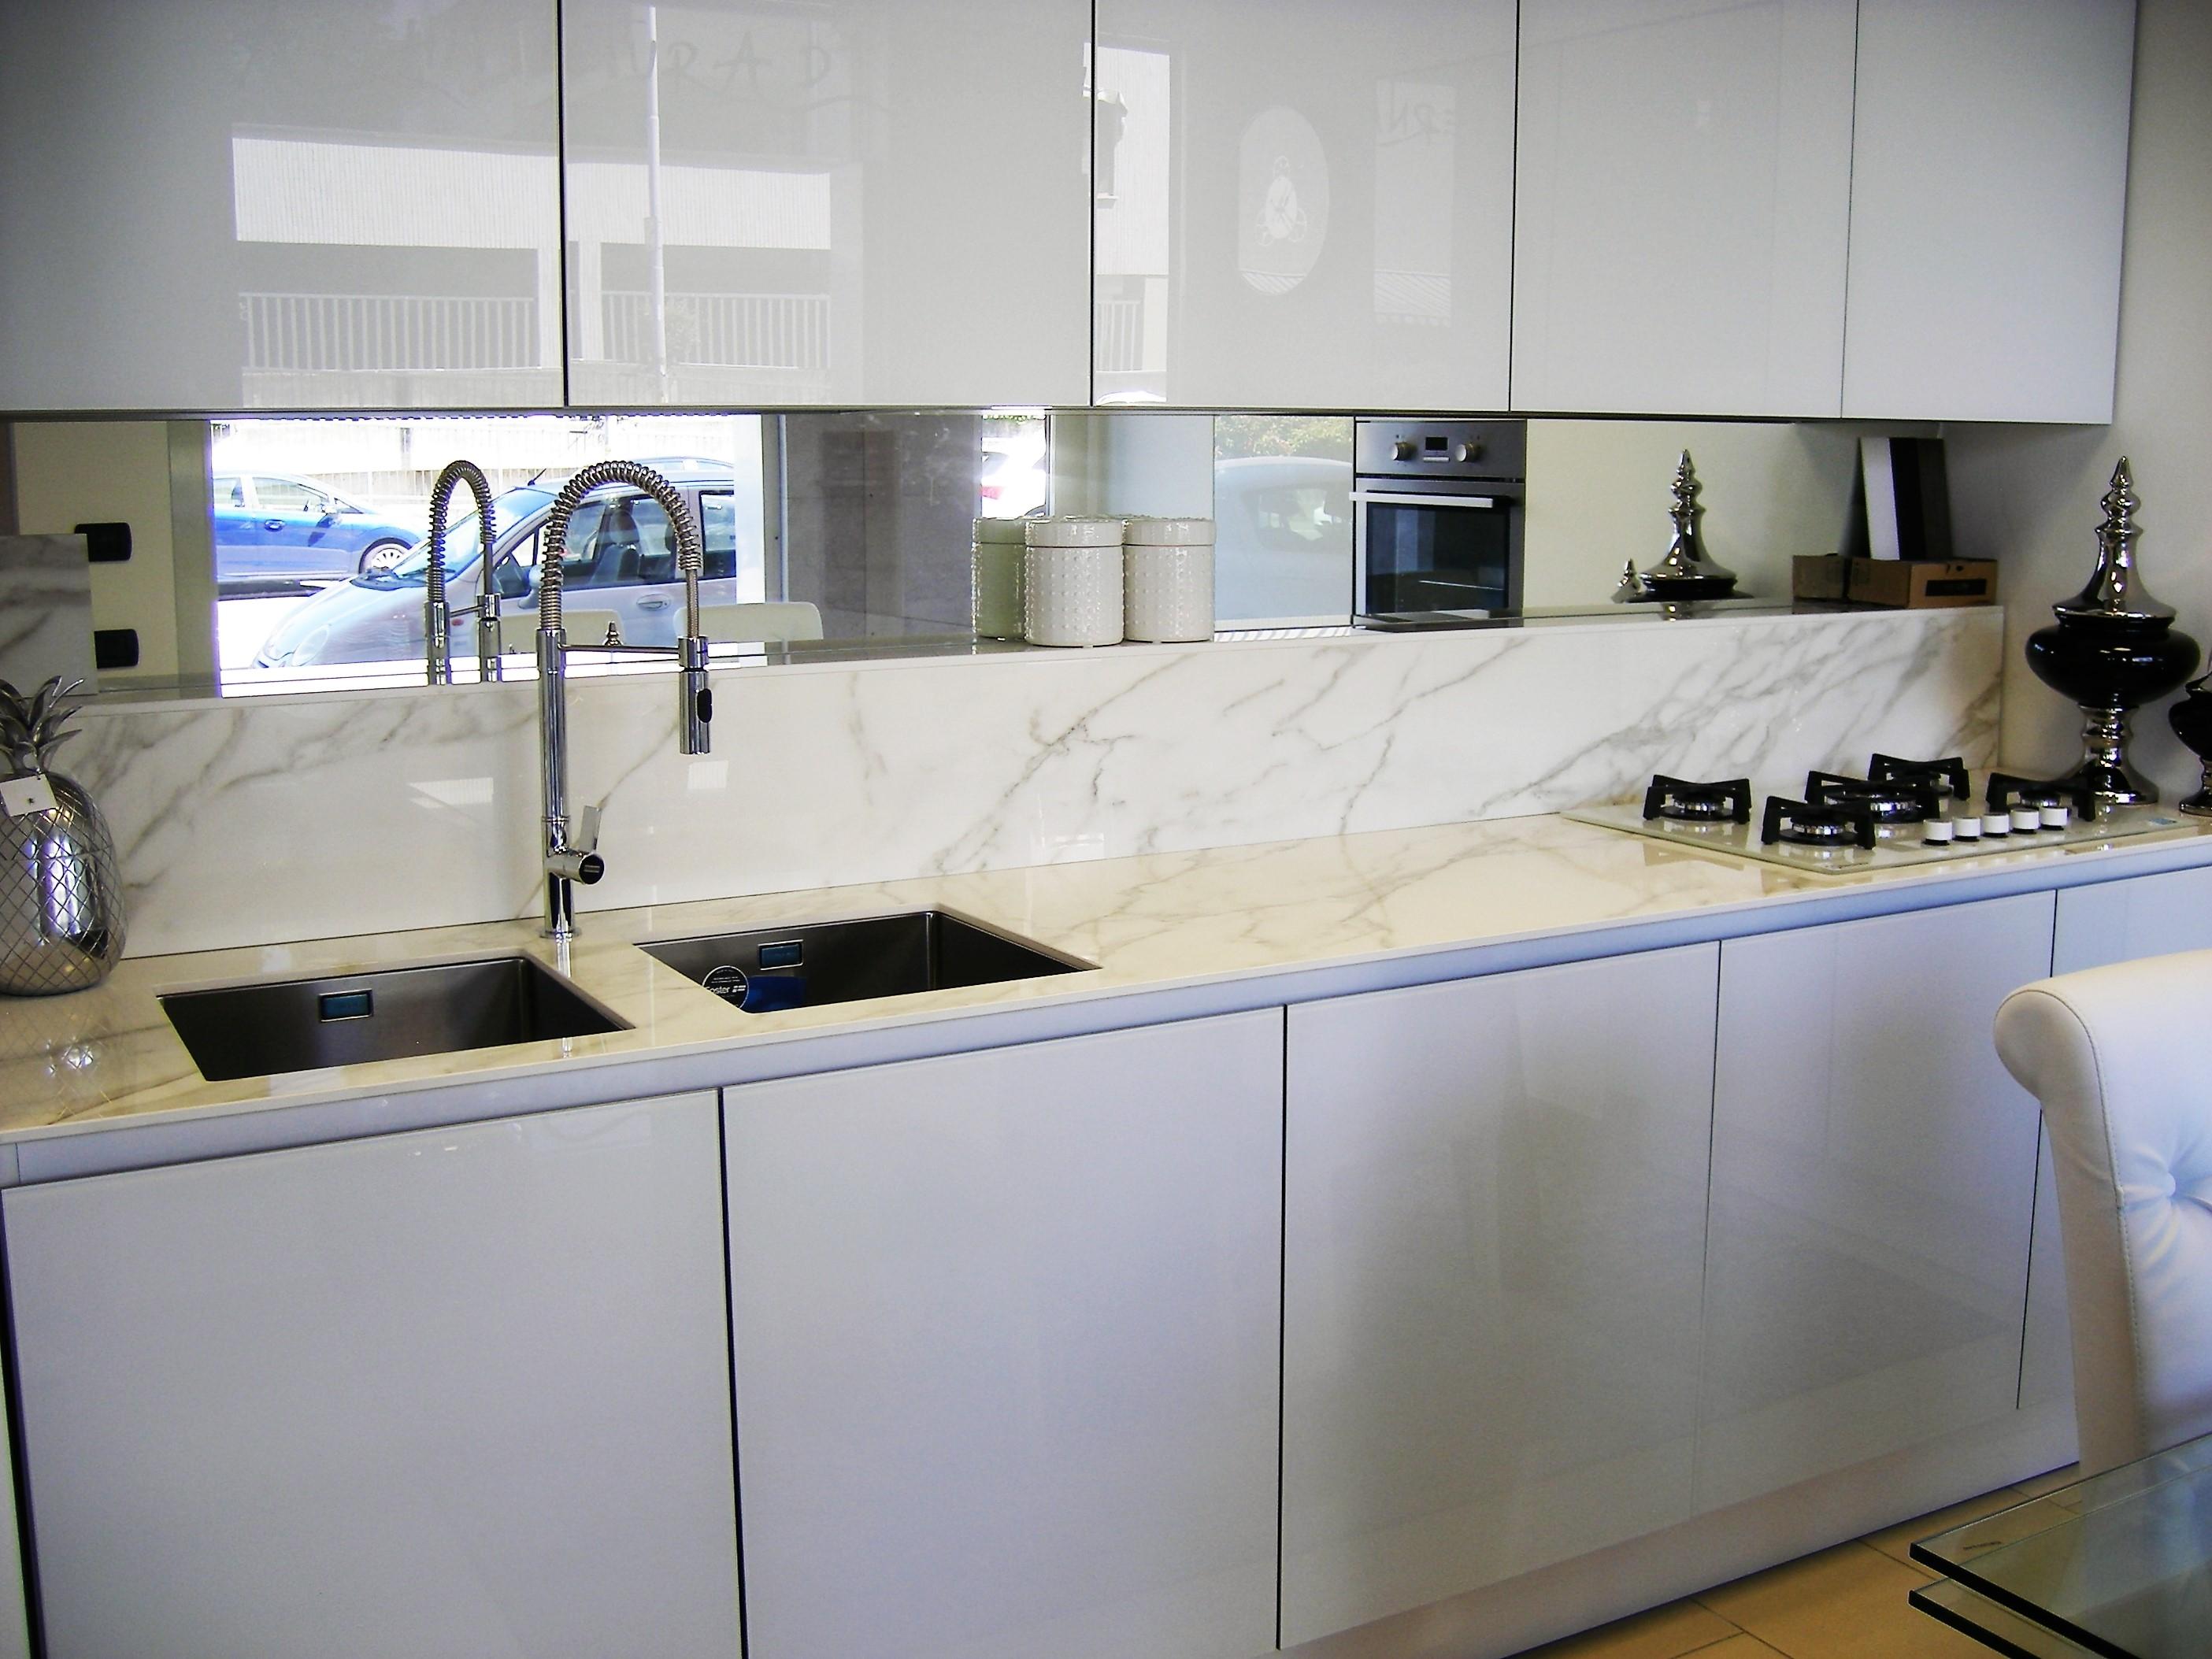 Cucina in vetro bianco lucido cucine a prezzi scontati - Top cucina in vetro ...